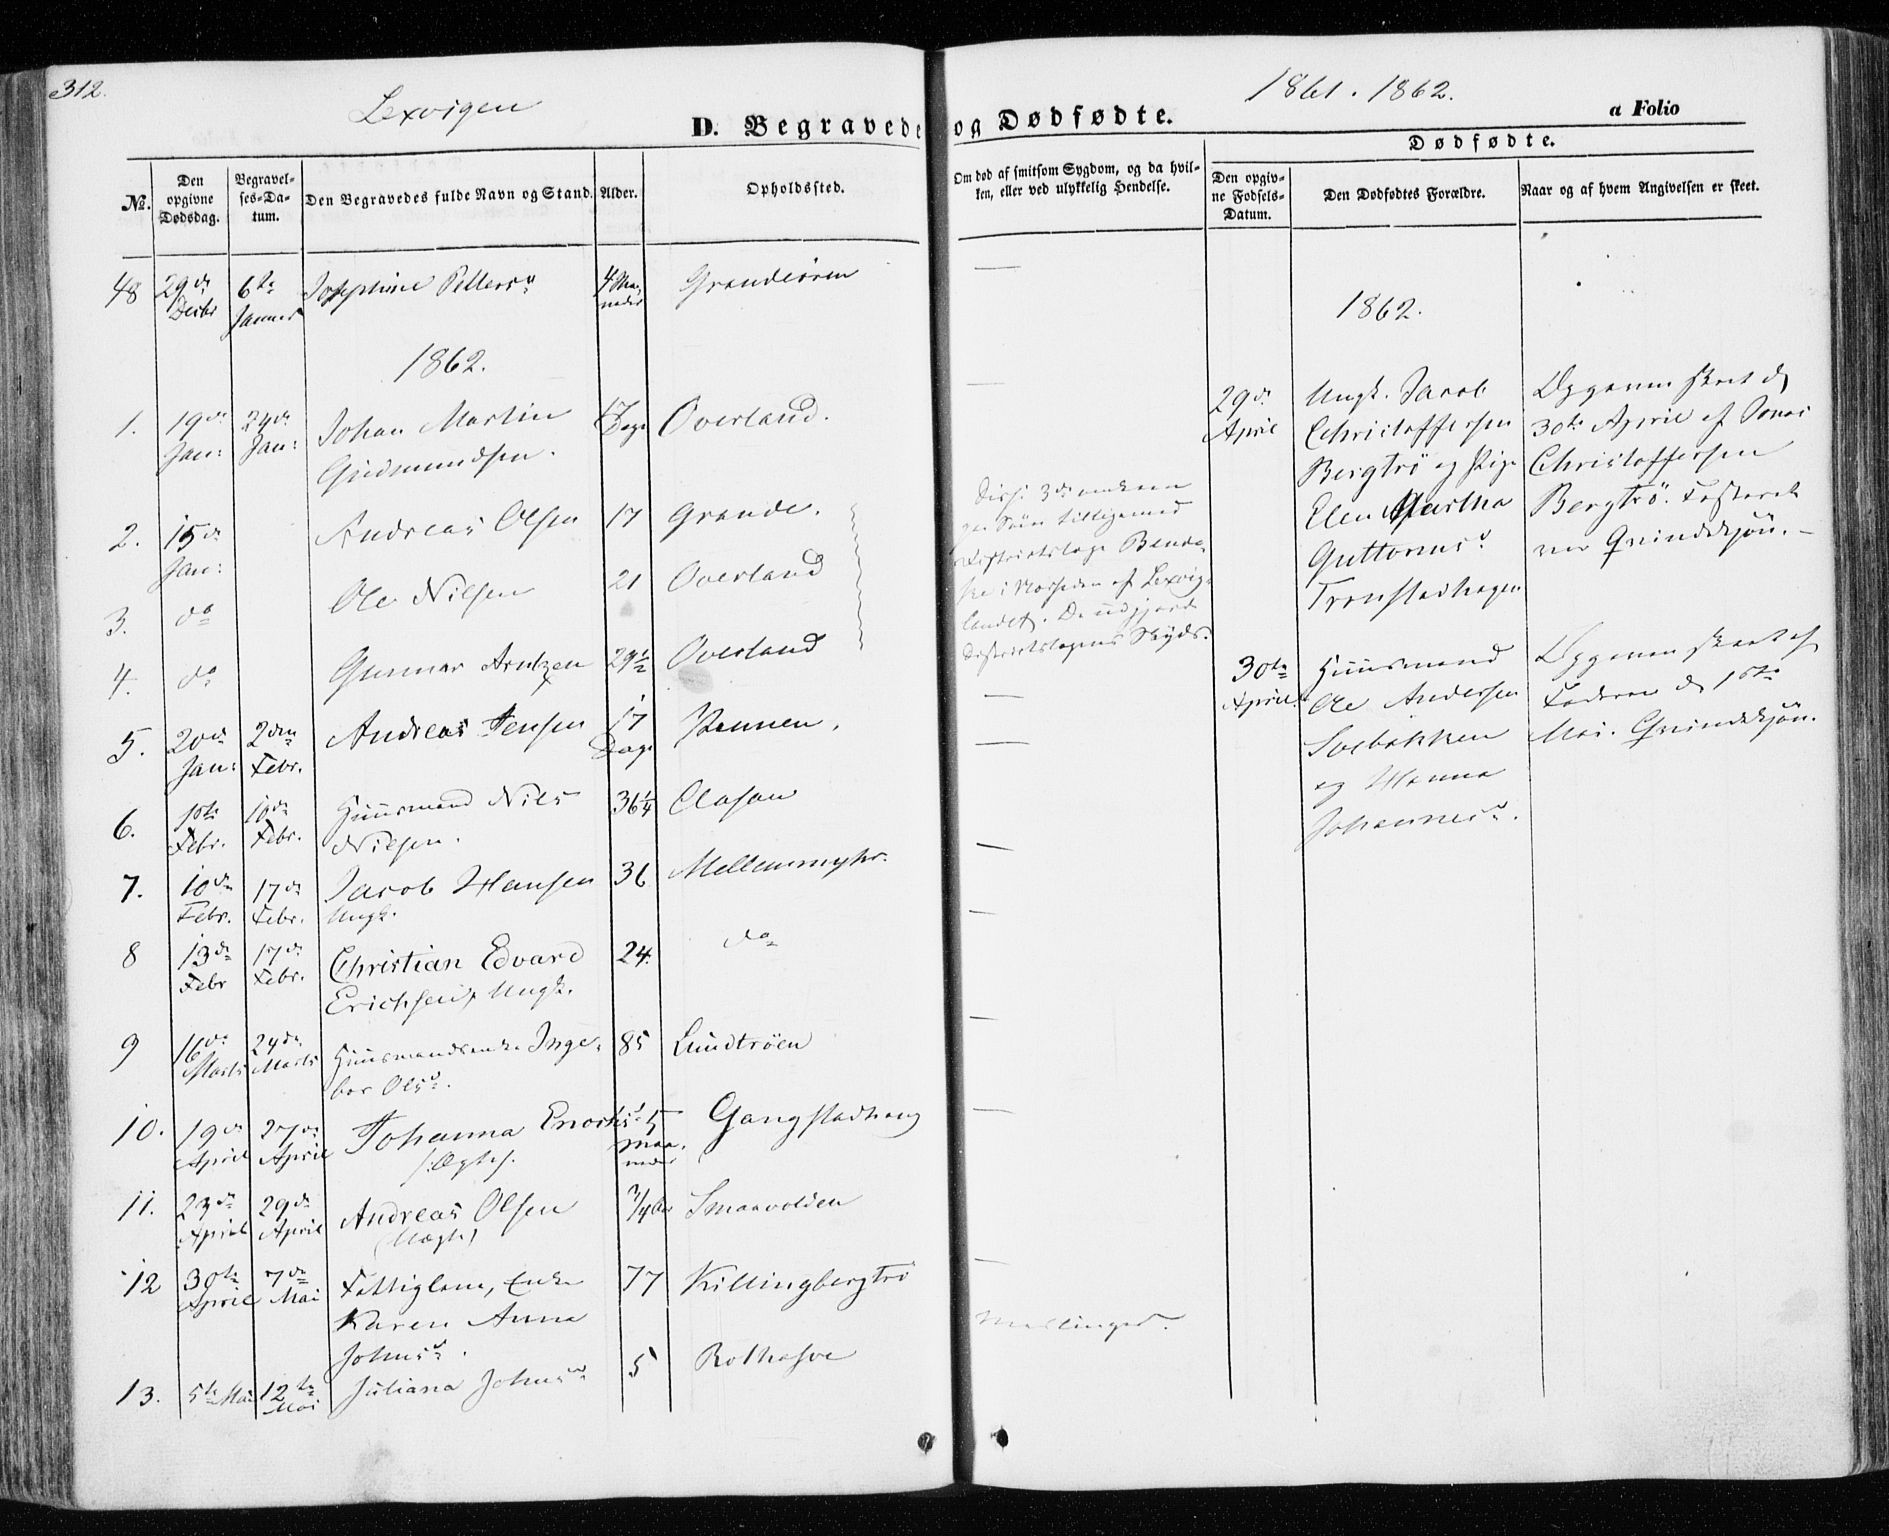 SAT, Ministerialprotokoller, klokkerbøker og fødselsregistre - Nord-Trøndelag, 701/L0008: Ministerialbok nr. 701A08 /1, 1854-1863, s. 312